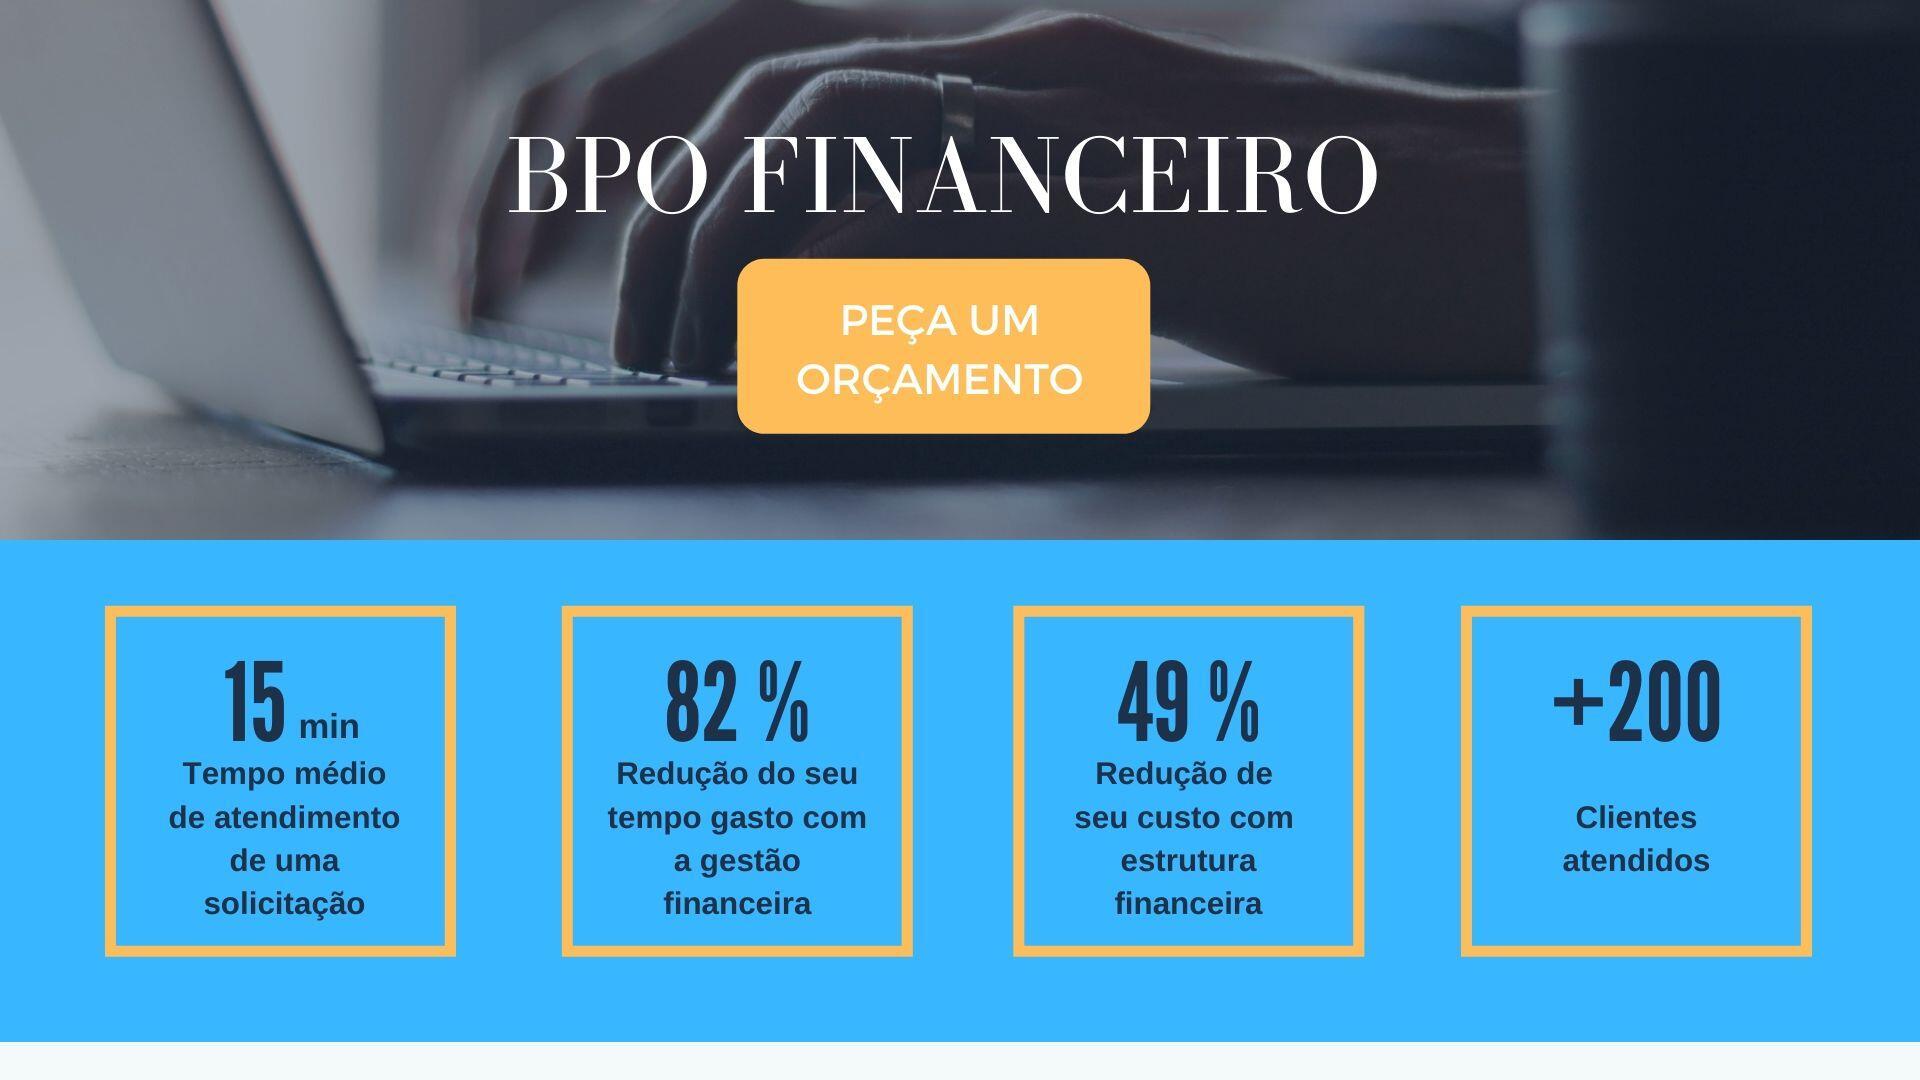 BPO Financeiro - indicadores gerais